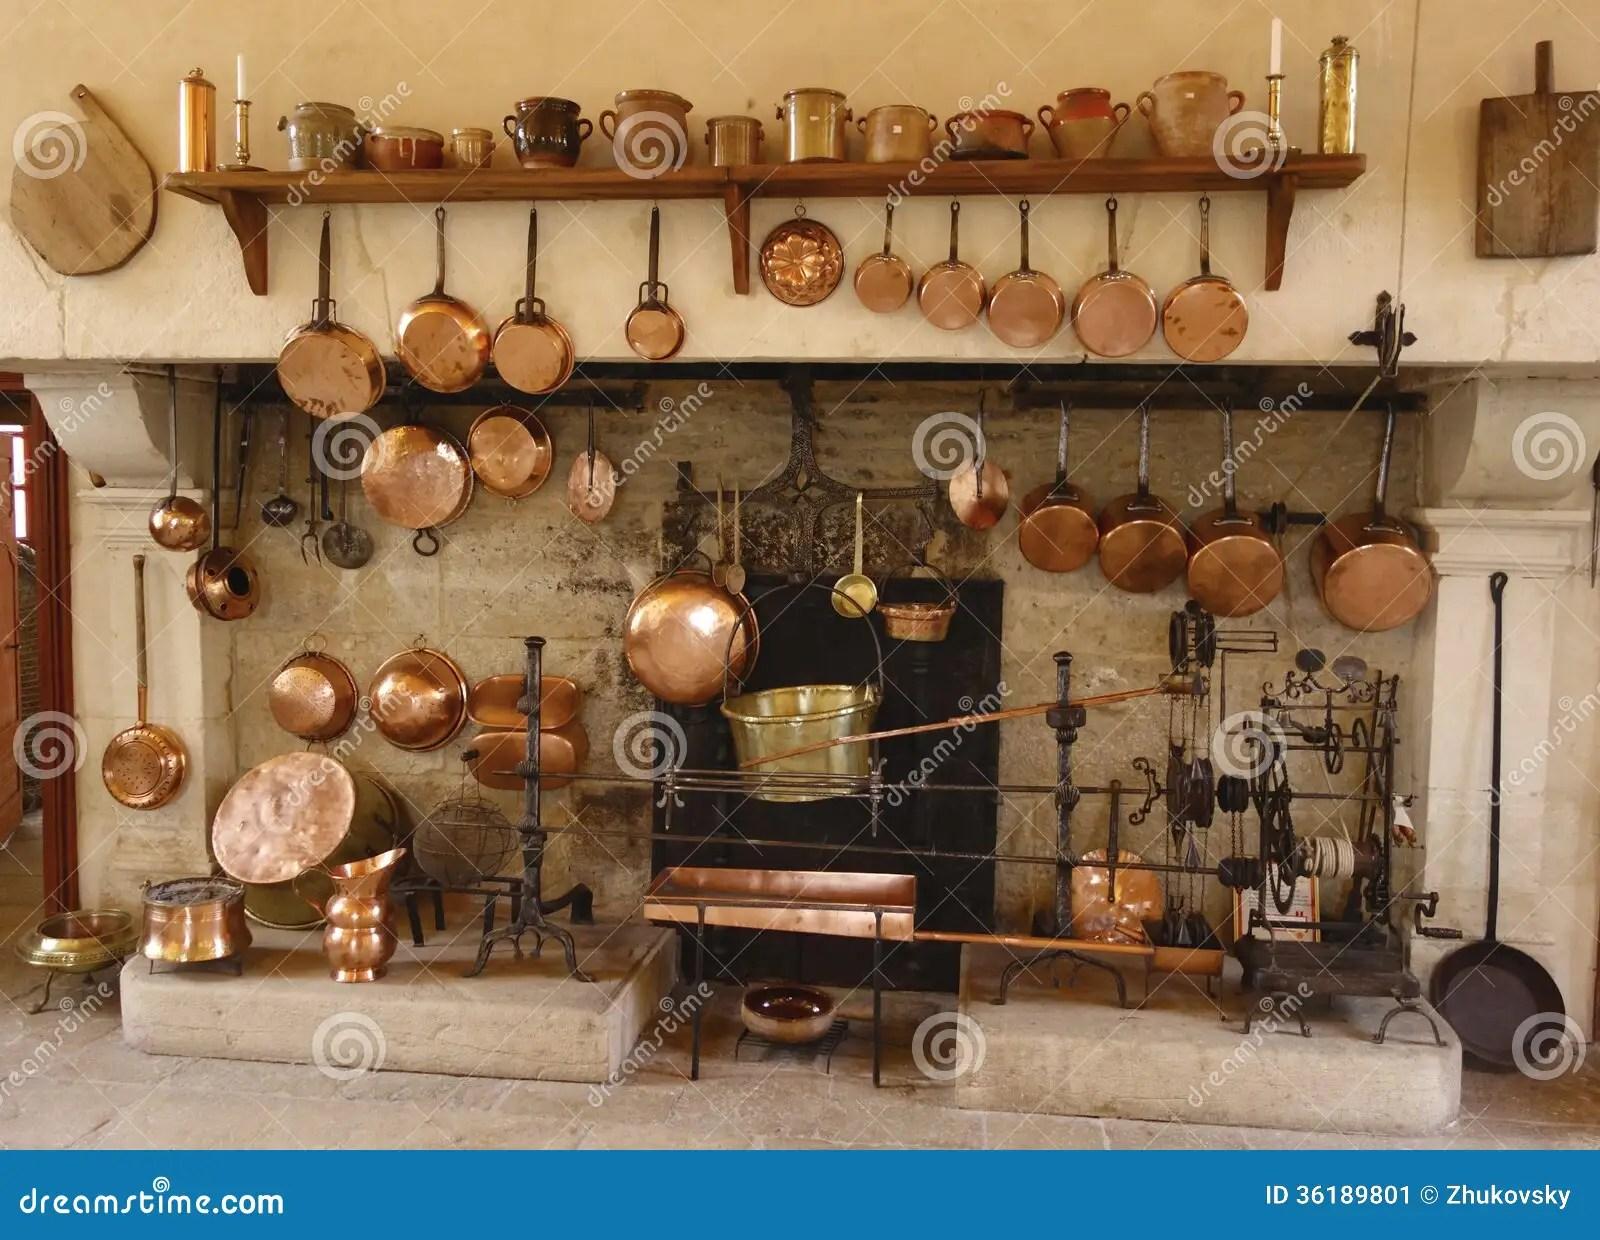 french country kitchens small kitchen cabinet chateau de pommard酿酒厂的古老厨房在法国编辑类照片 图片包括有烹调 pommard酿酒厂的古老厨房在法国